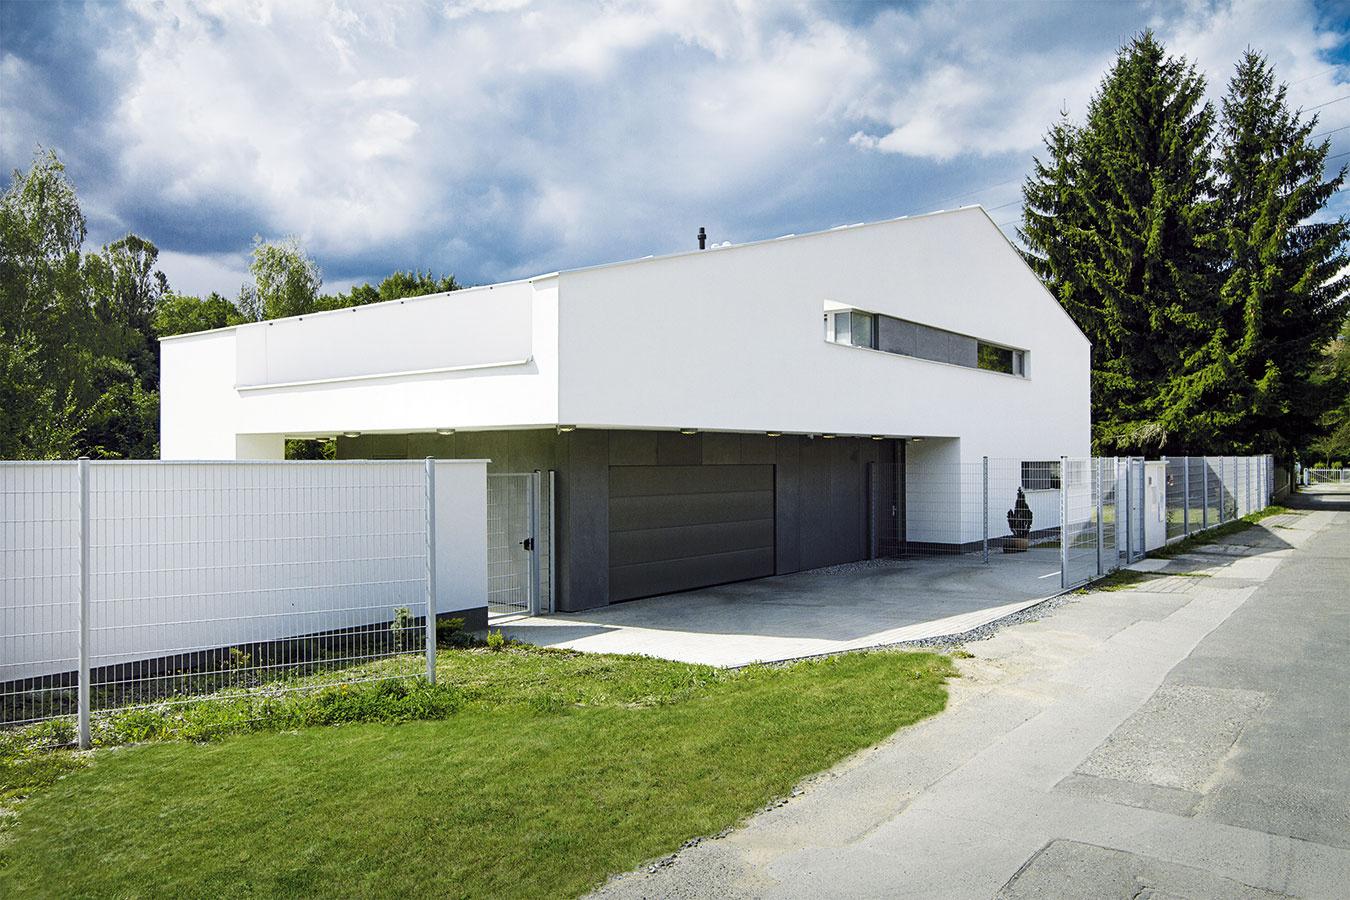 Pôsobivá interpretácia. Architekti vytvorili šikovný apôsobivý kompromis medzi želaním majiteľa, ktorý túžil po modernom dome splochou strechou, apožiadavkou úradov, ktoré trvali na sedlovom ukončení stavby.